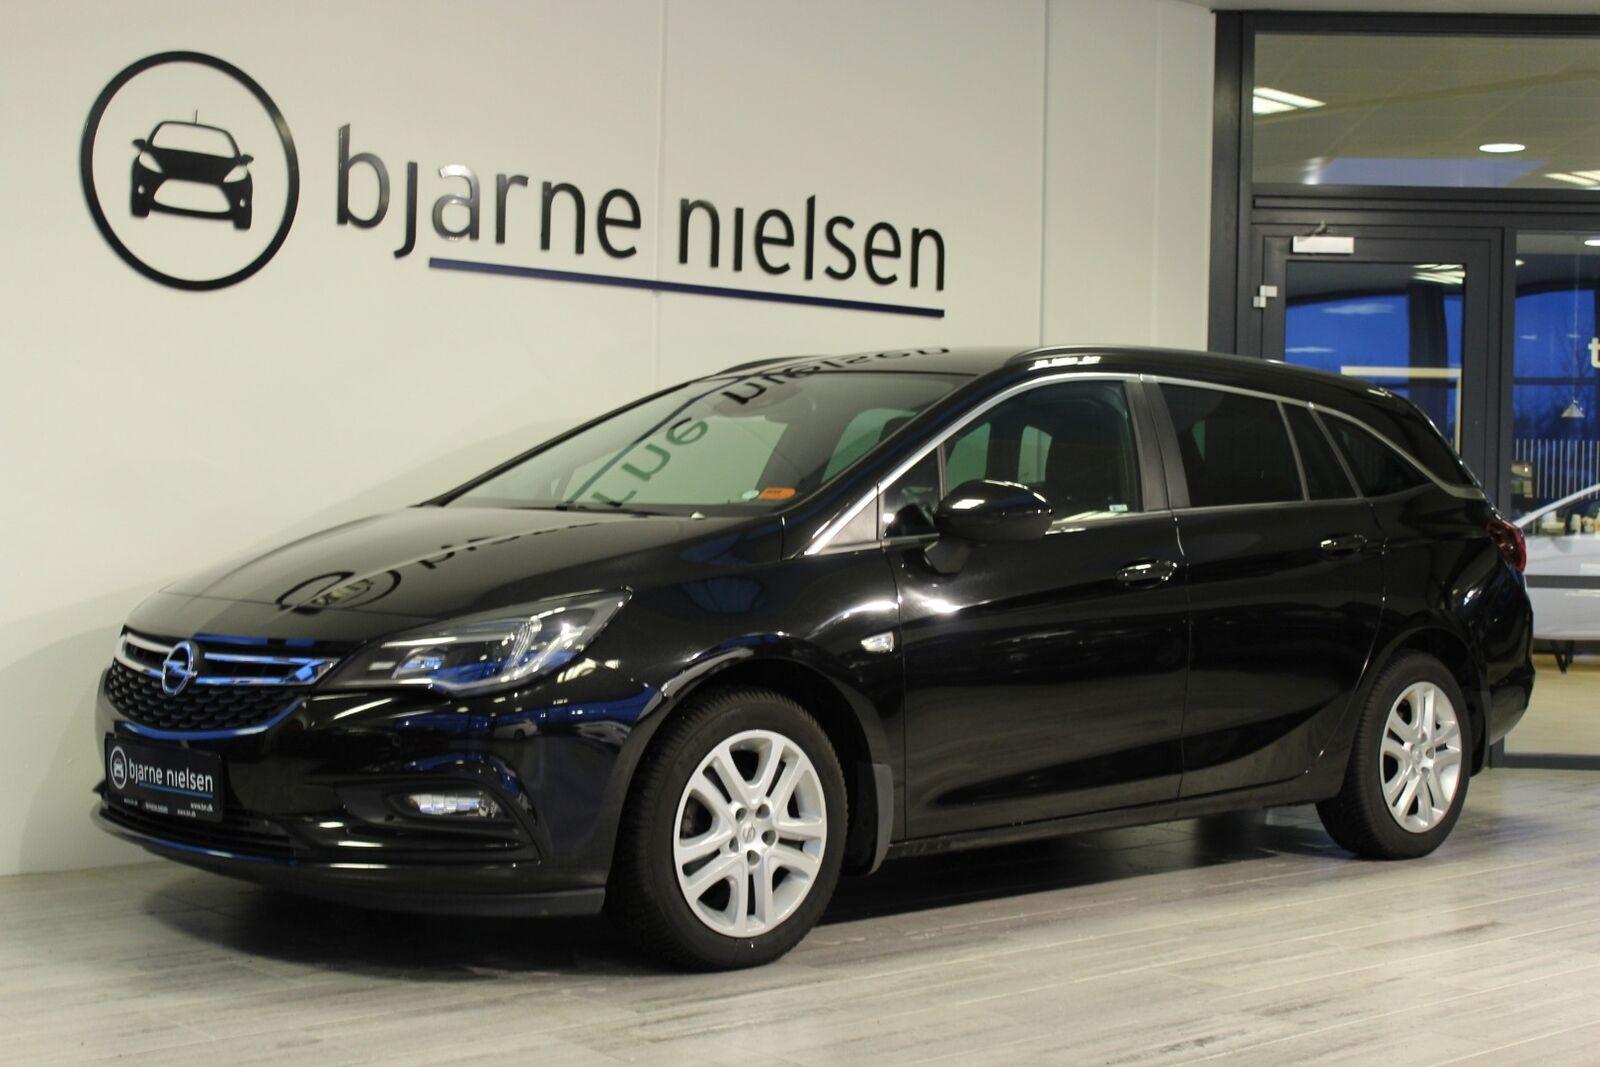 Opel Astra Billede 7